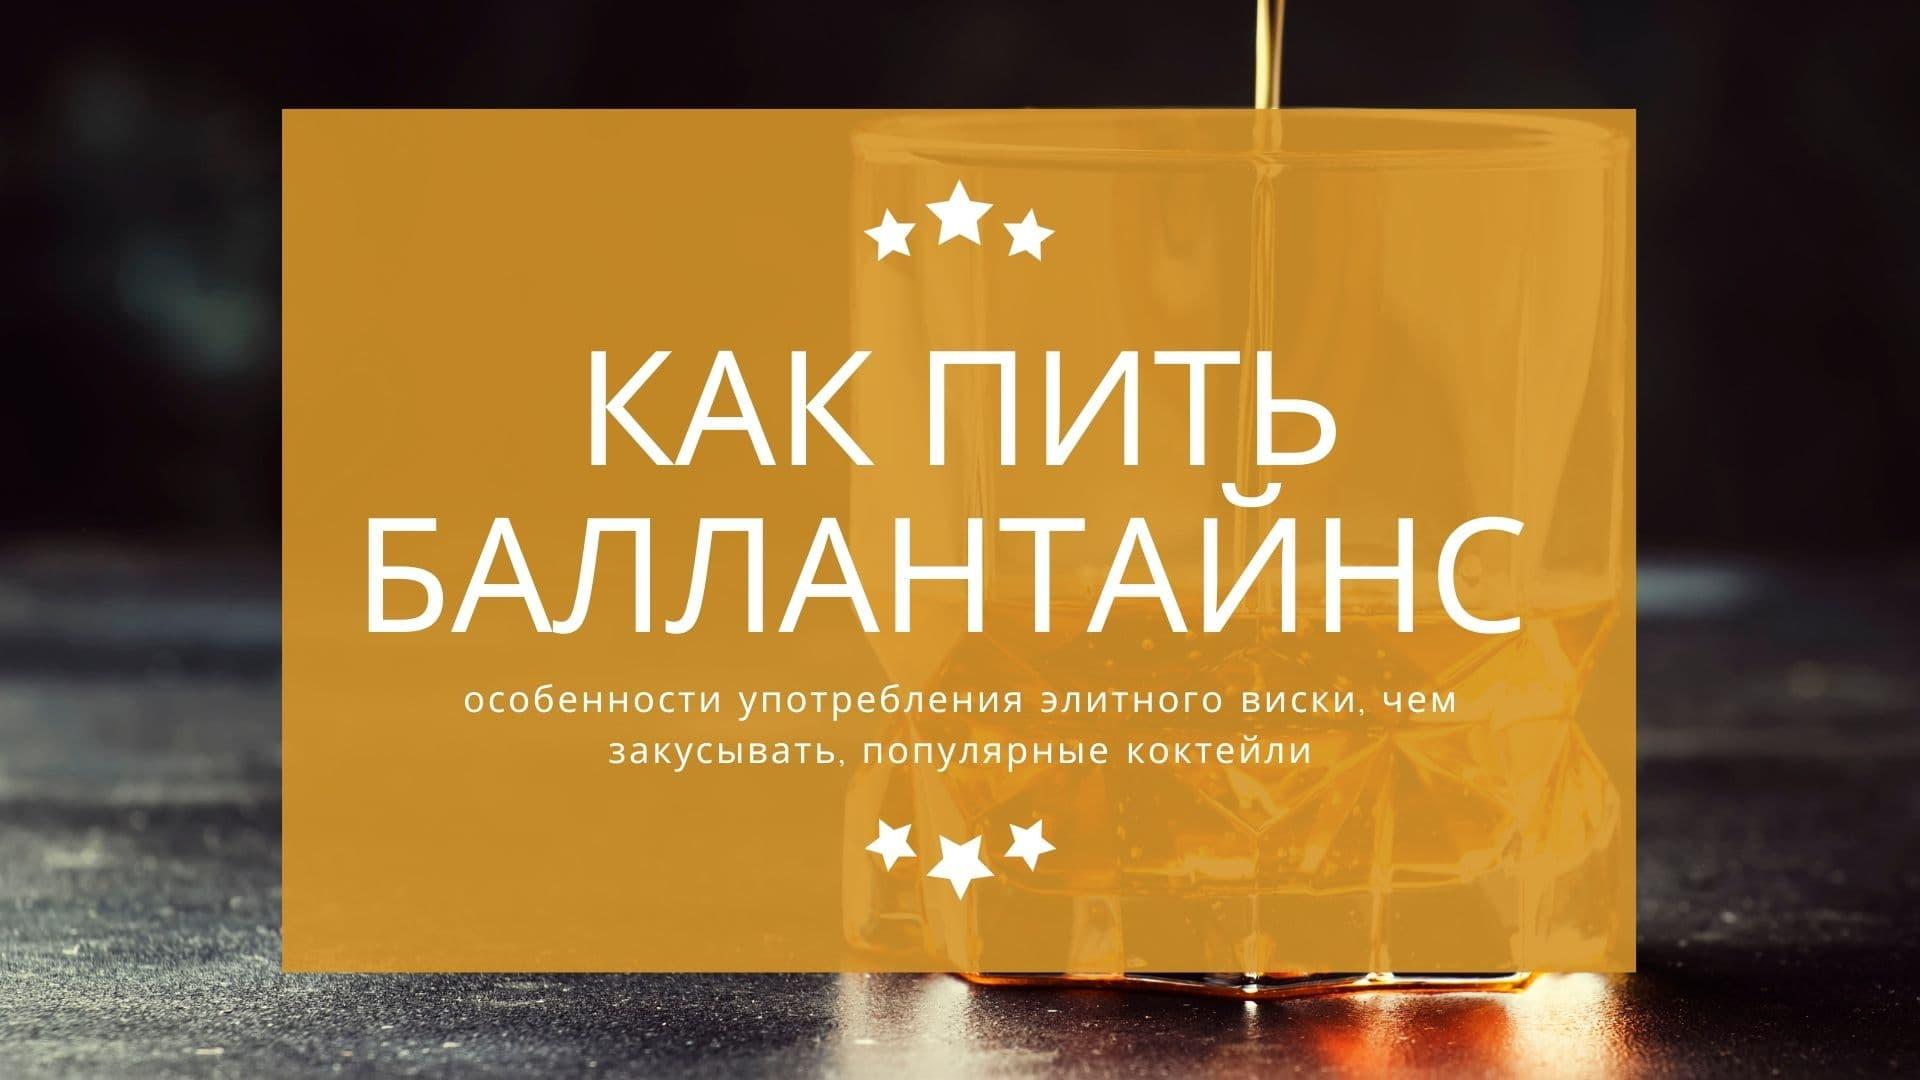 Баллантайнс - как пить: особенности употребления элитного виски, чем закусывать, популярные коктейли